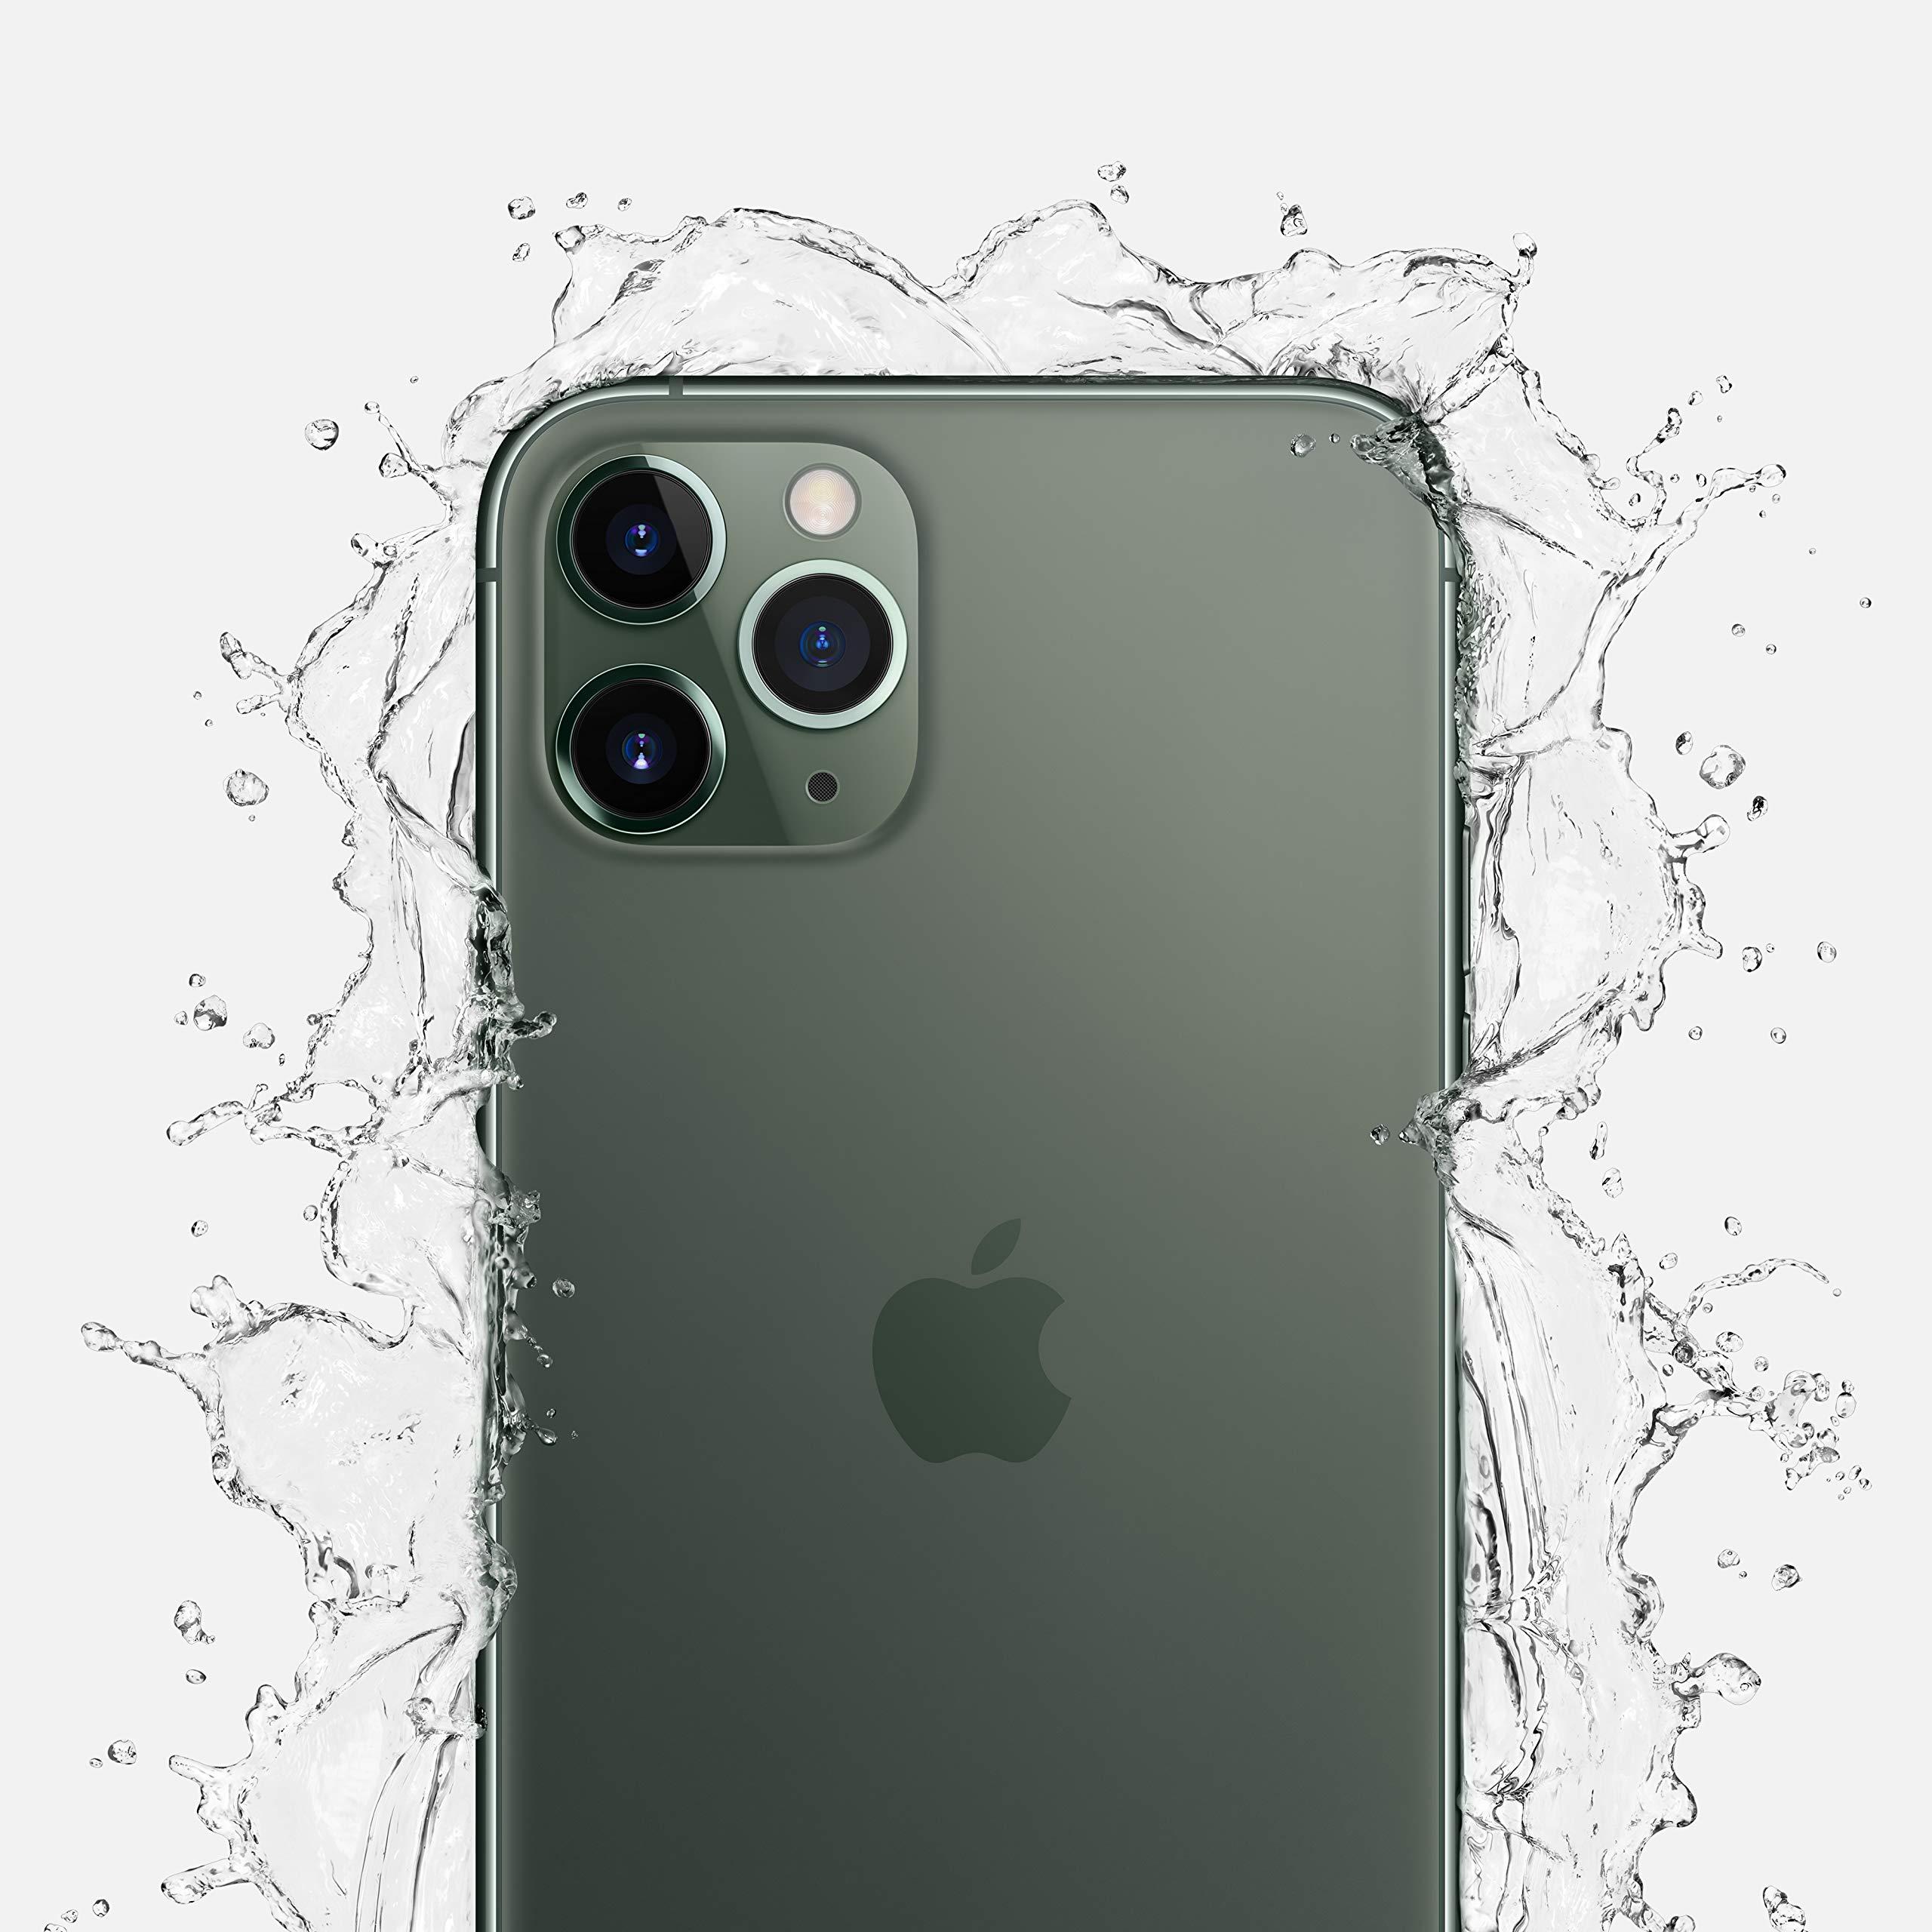 Apple iPhone 11 2 - iPhone 12 : l'année 2020 s'annonce prolifique grâce à la 5G